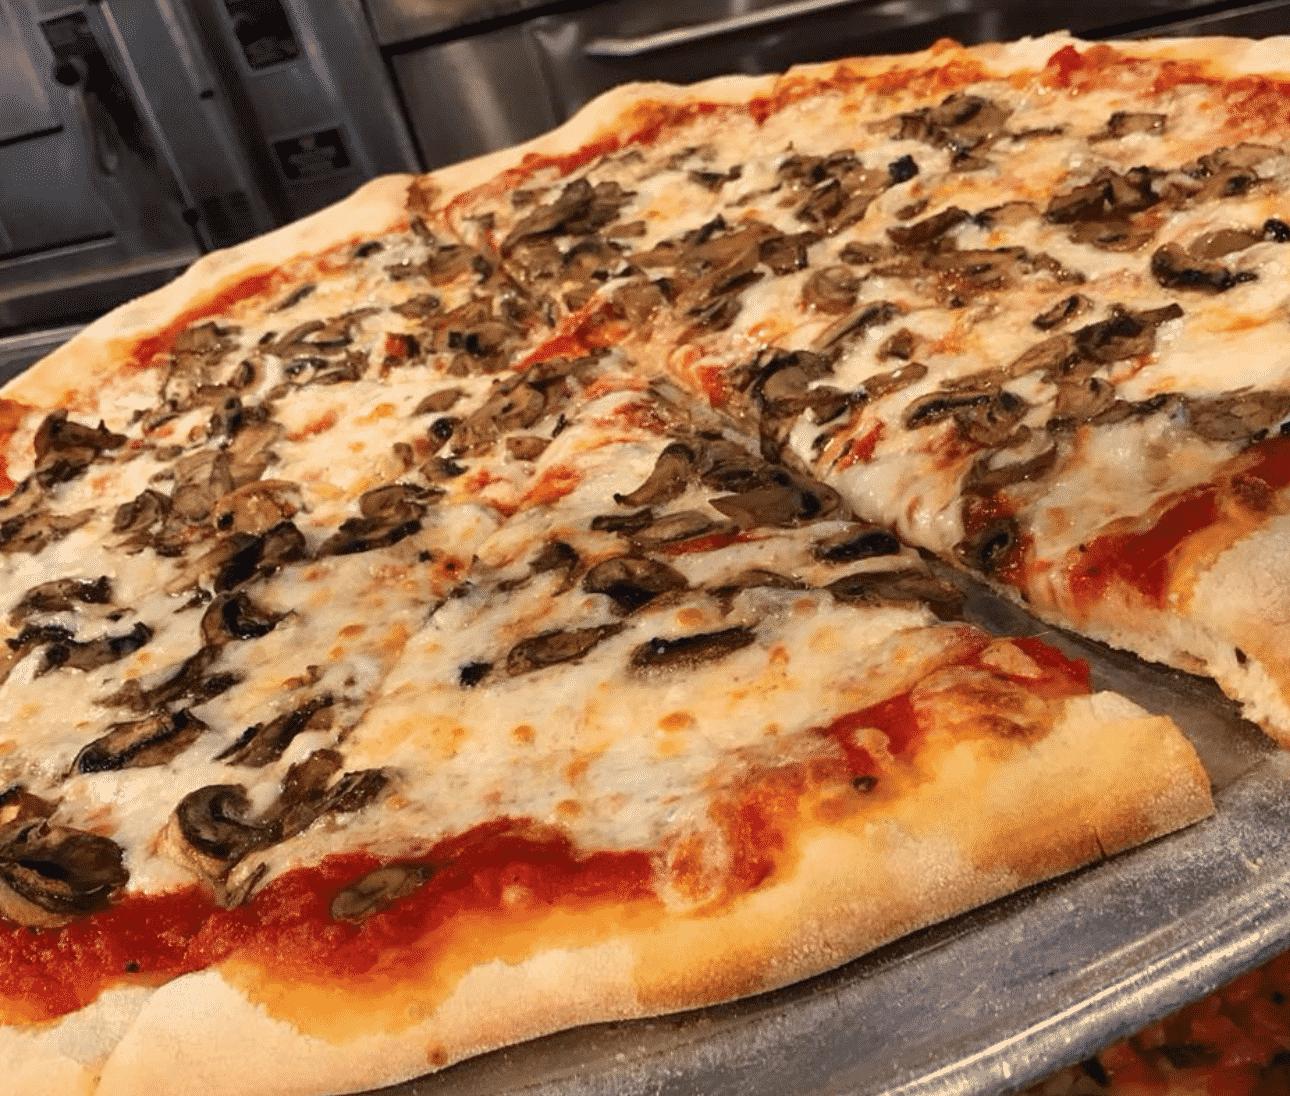 Eddie And Sam's N.Y. Pizza in Florida